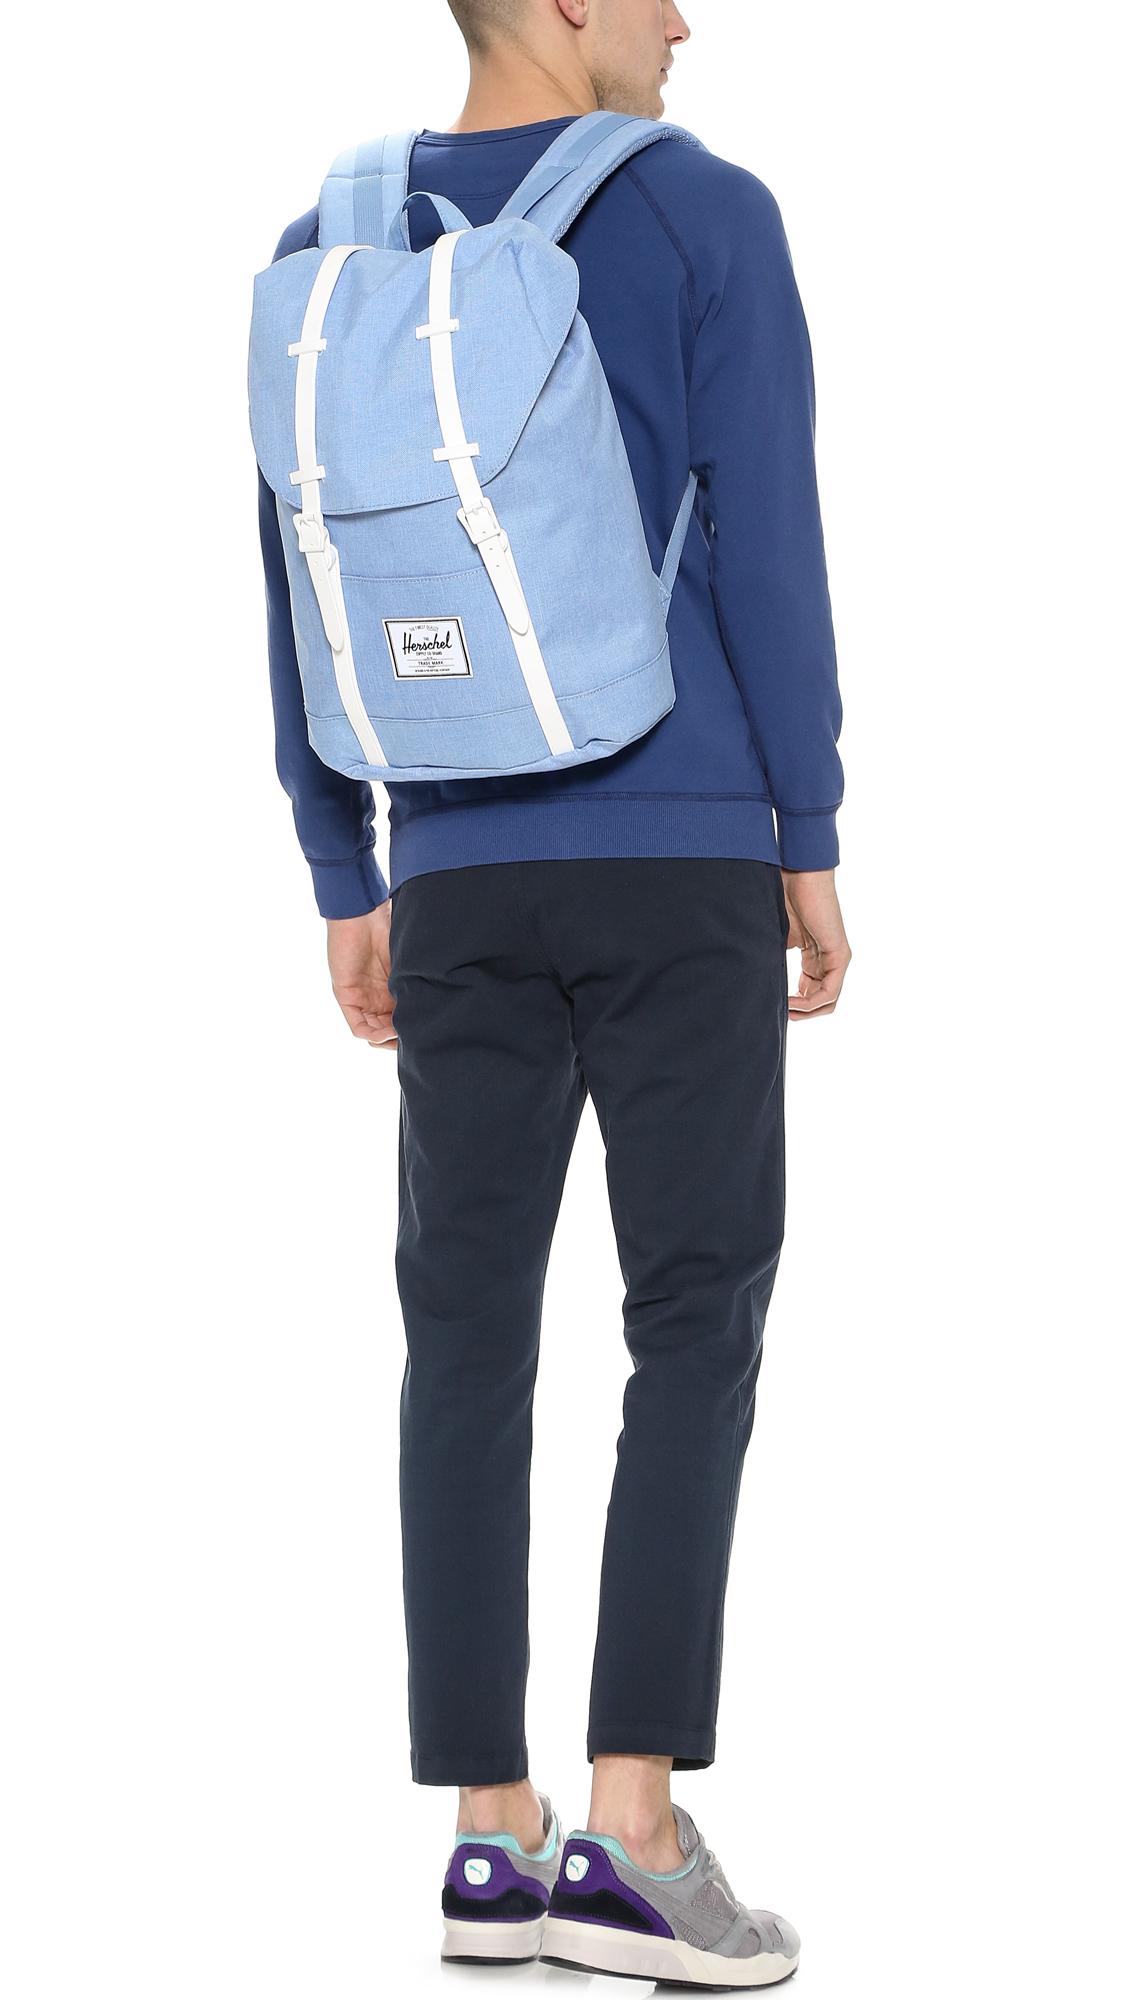 f276610b2882 Lyst - Herschel Supply Co. Retreat Backpack in Blue for Men